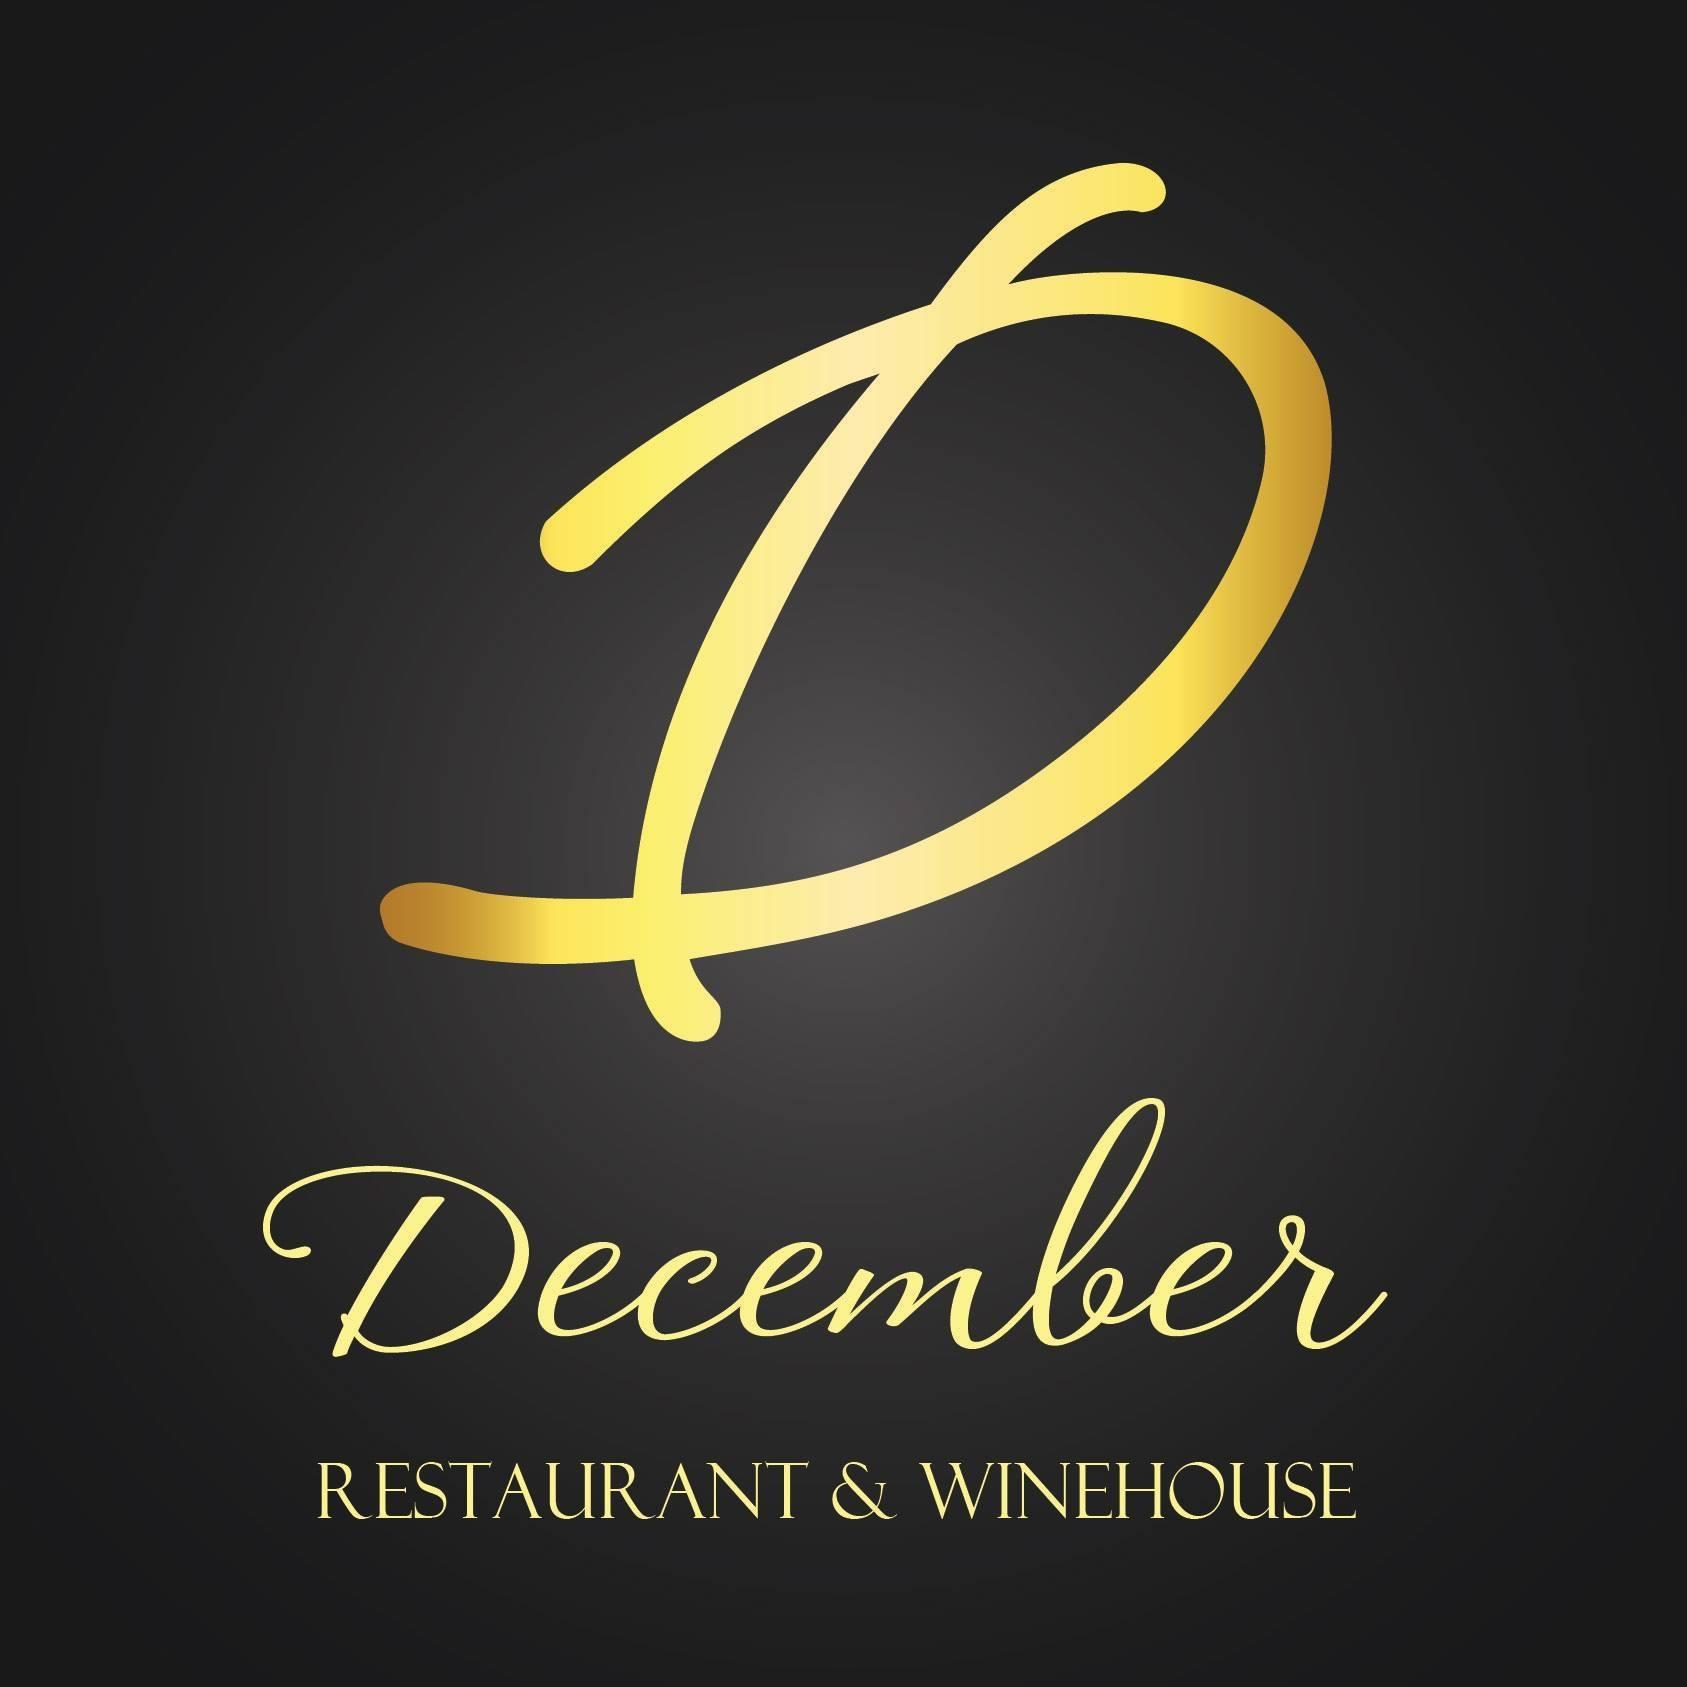 December Restaurant & Winehouse